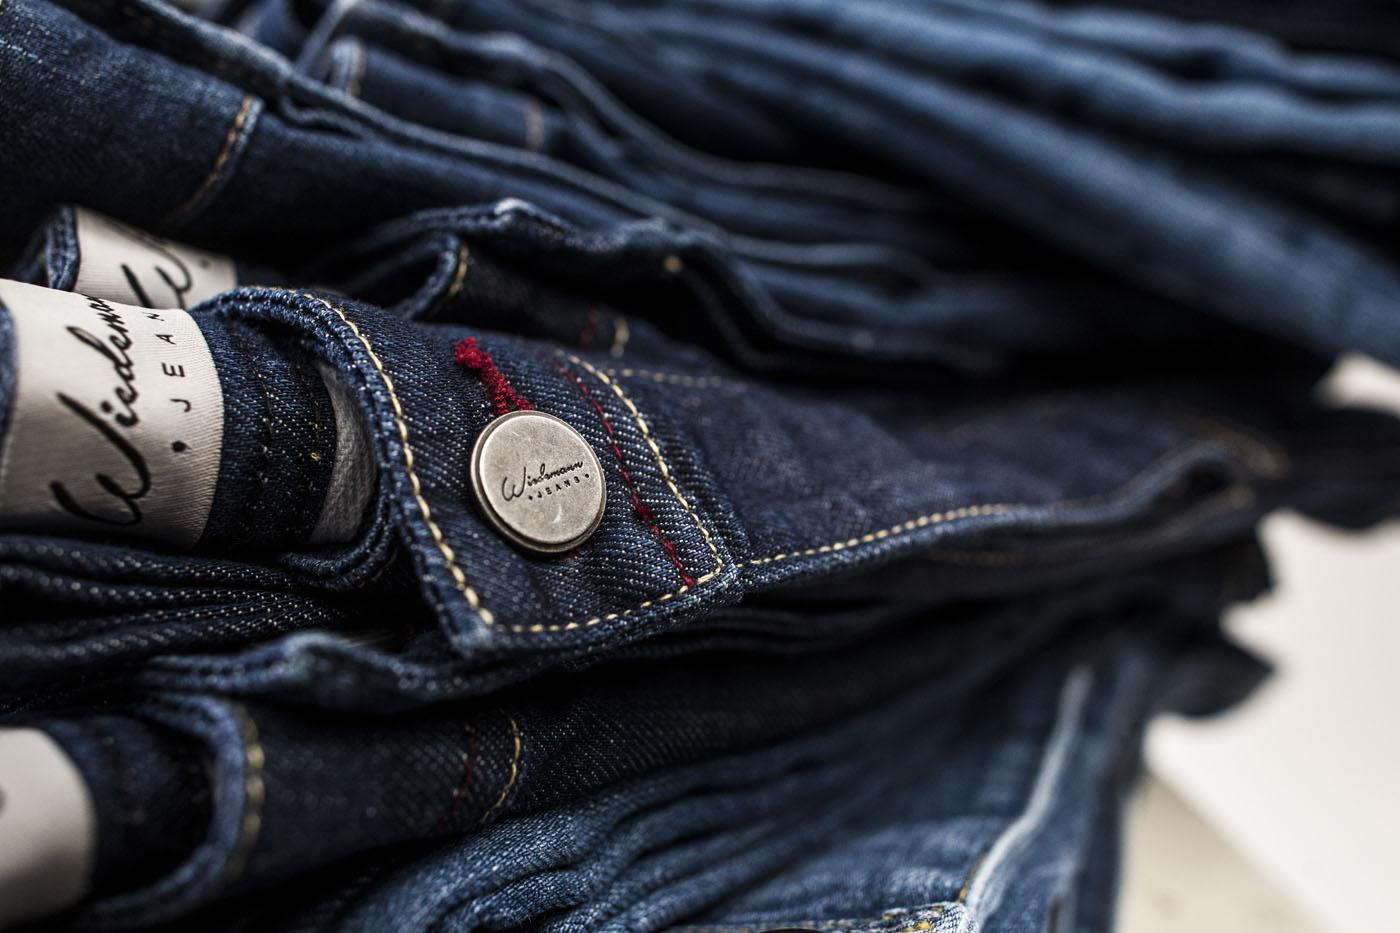 wiedemann-jeans-tallmen-00003